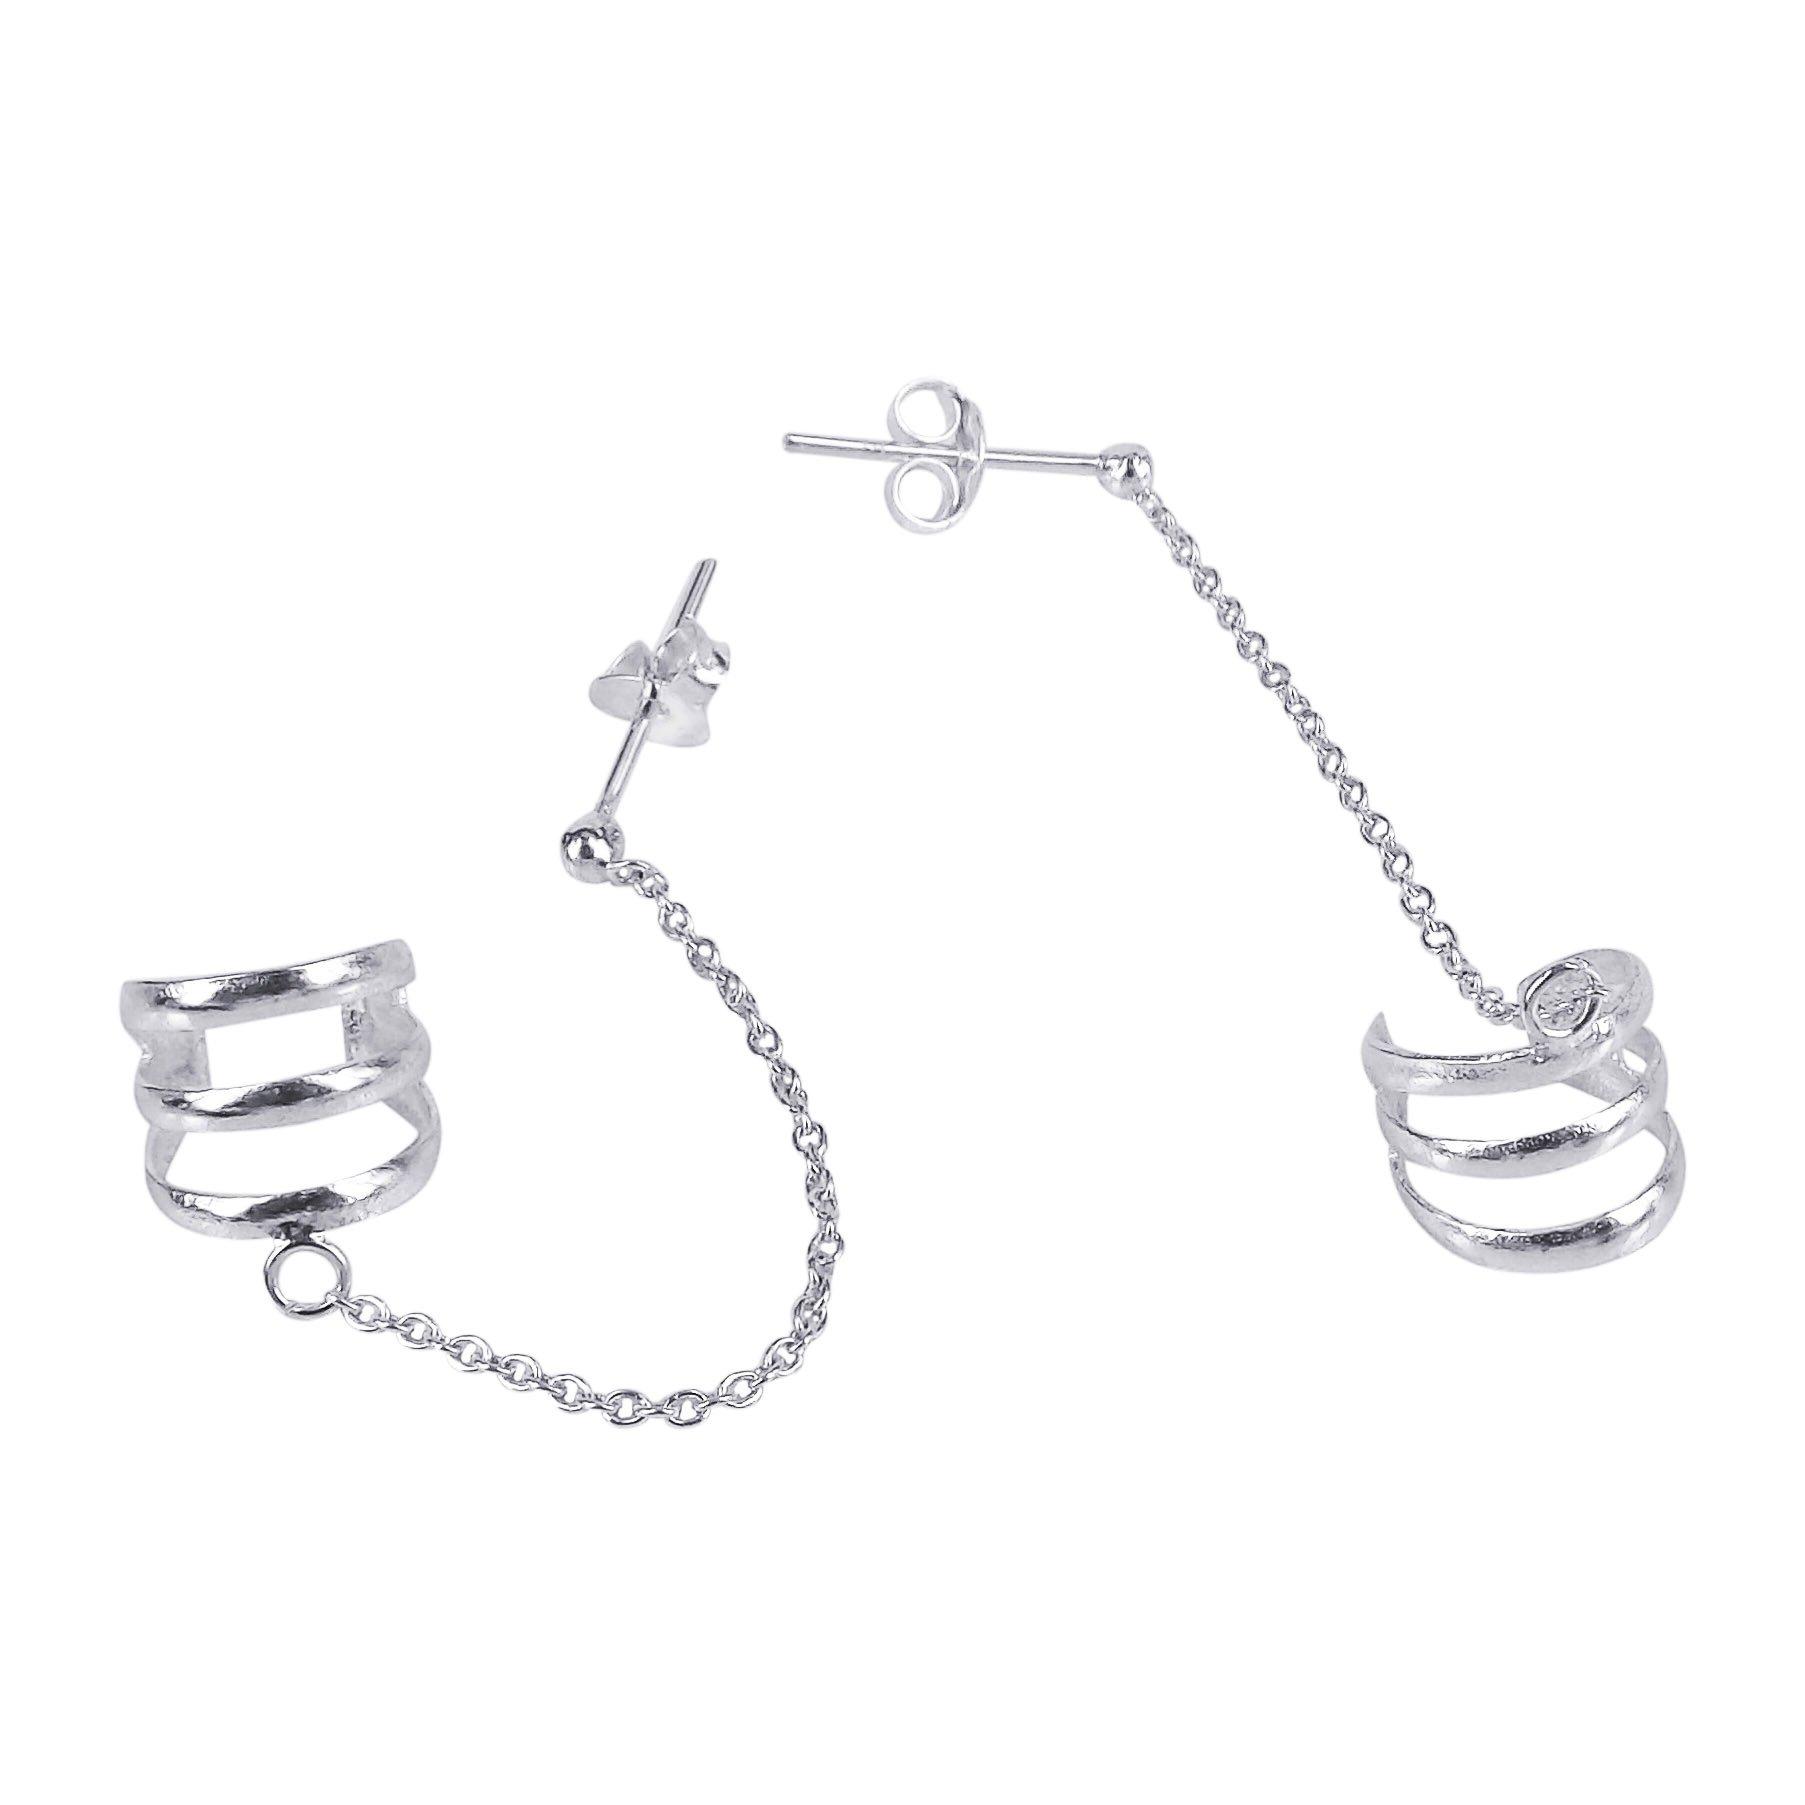 Triple Cuff Chain .925 Sterling Silver Post Earrings